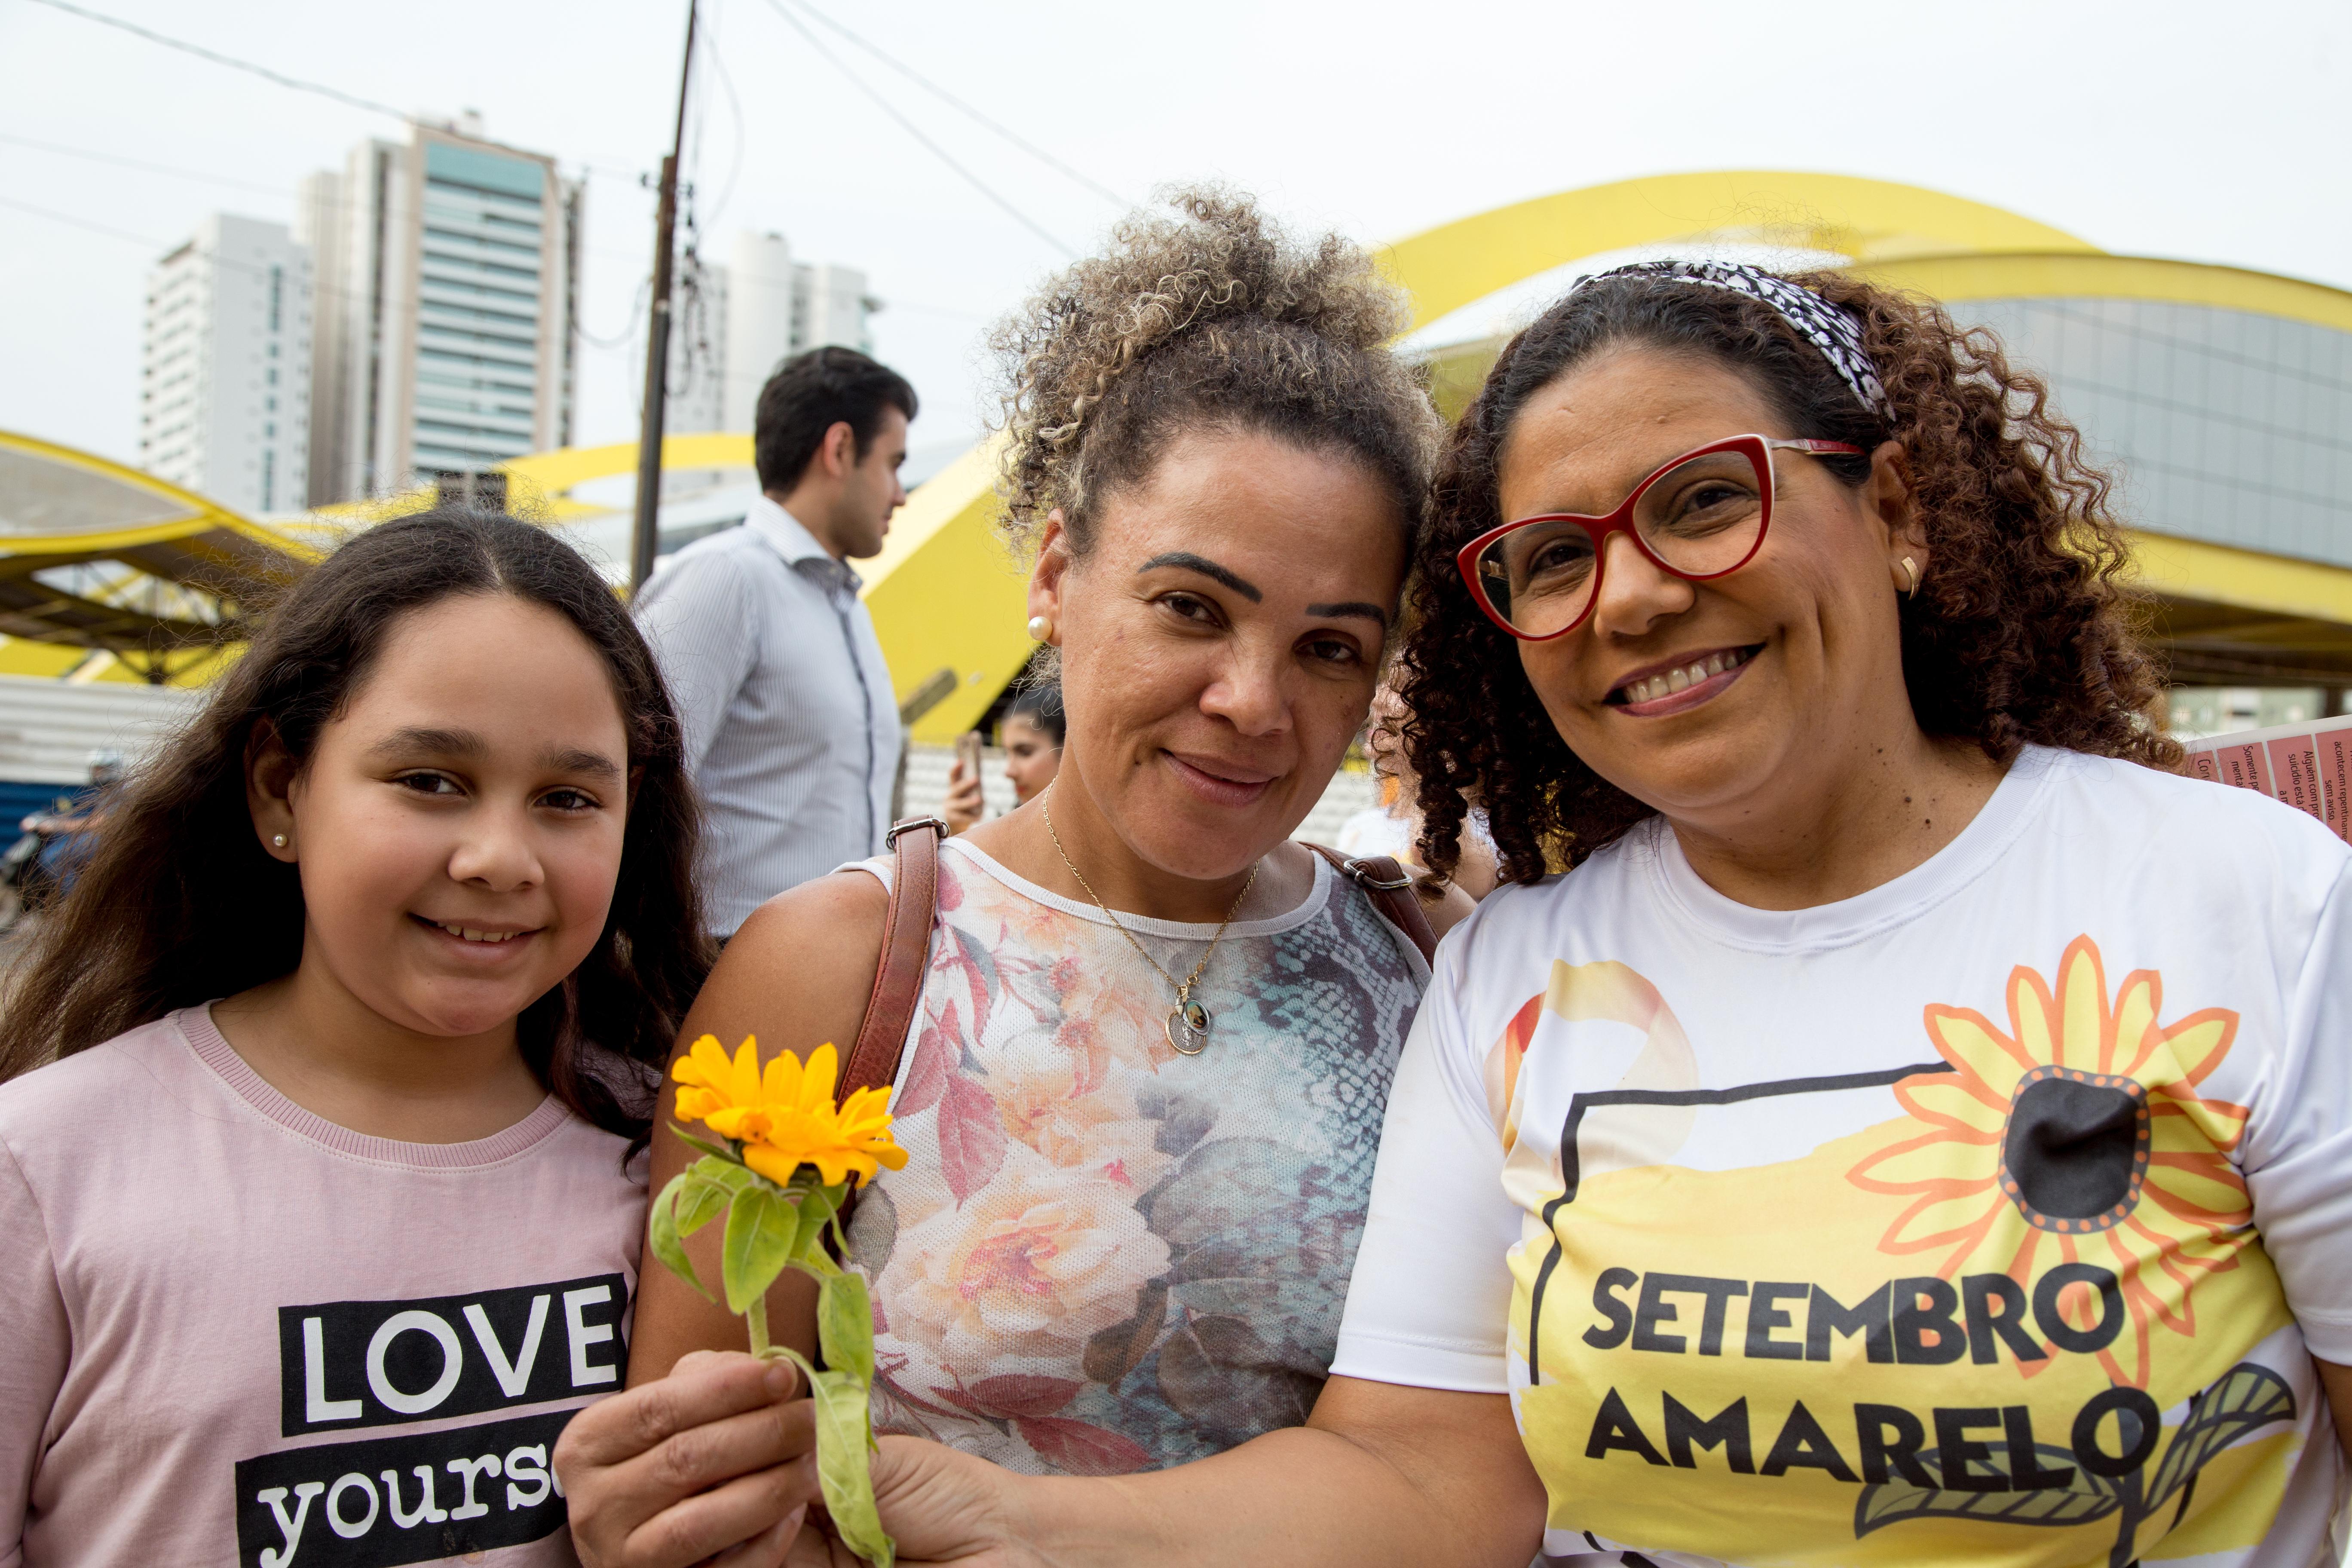 A ação, realizada nesta quinta, 5, fez parte da campanha 'Setembro Amarelo', com voluntários distribuindo abraços e conscientizando sobre o suicídio. Foto: Aldemir de Moraes/PMM